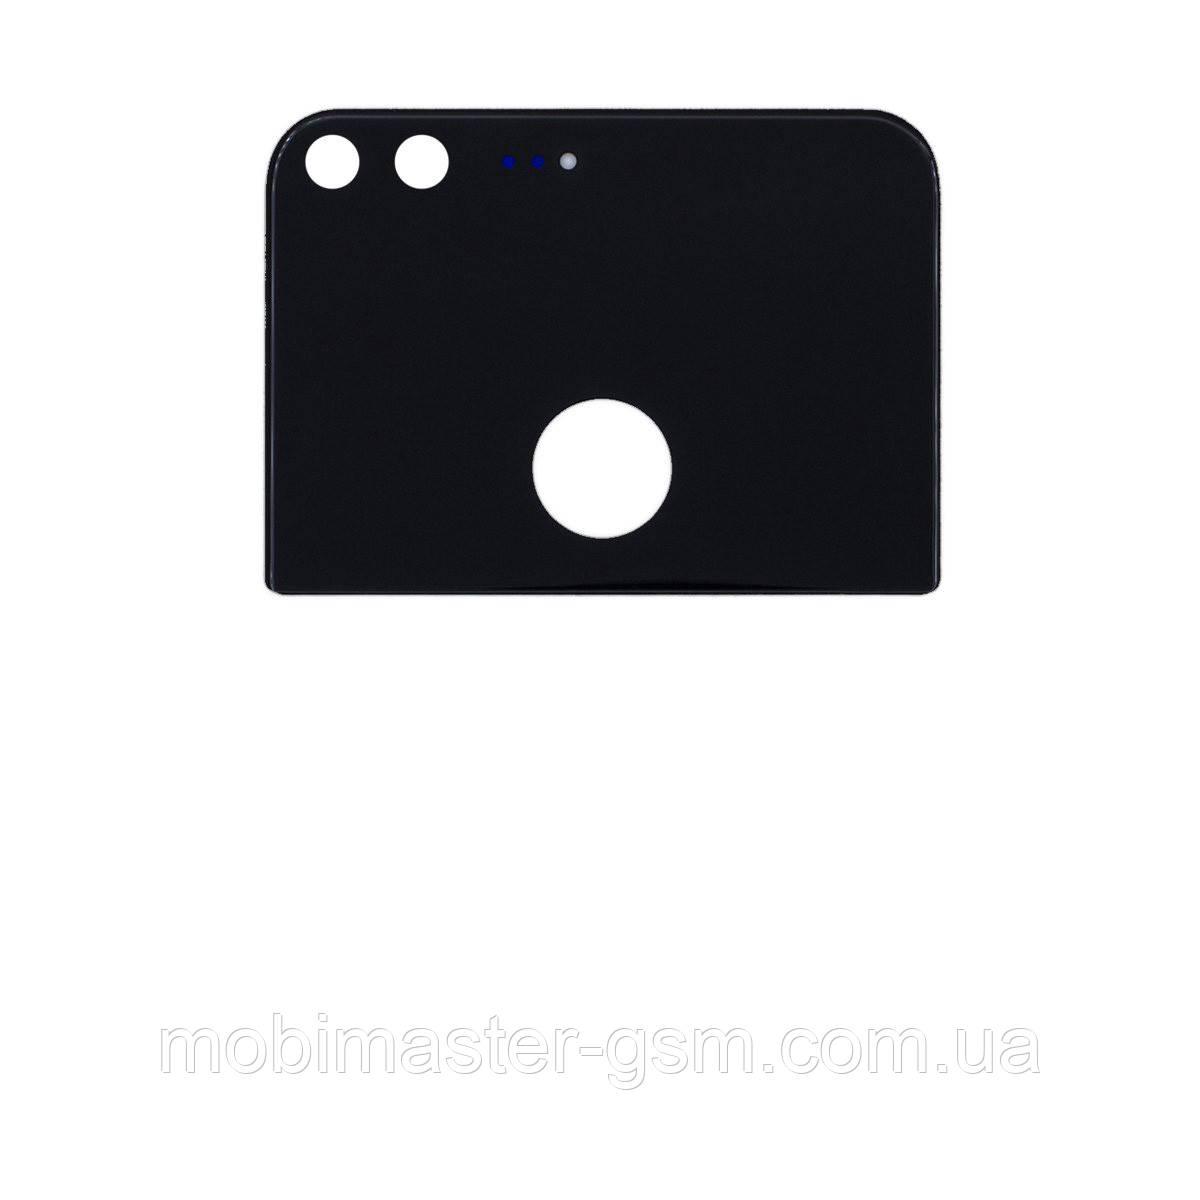 Задняя крышка Google Pixel XL black